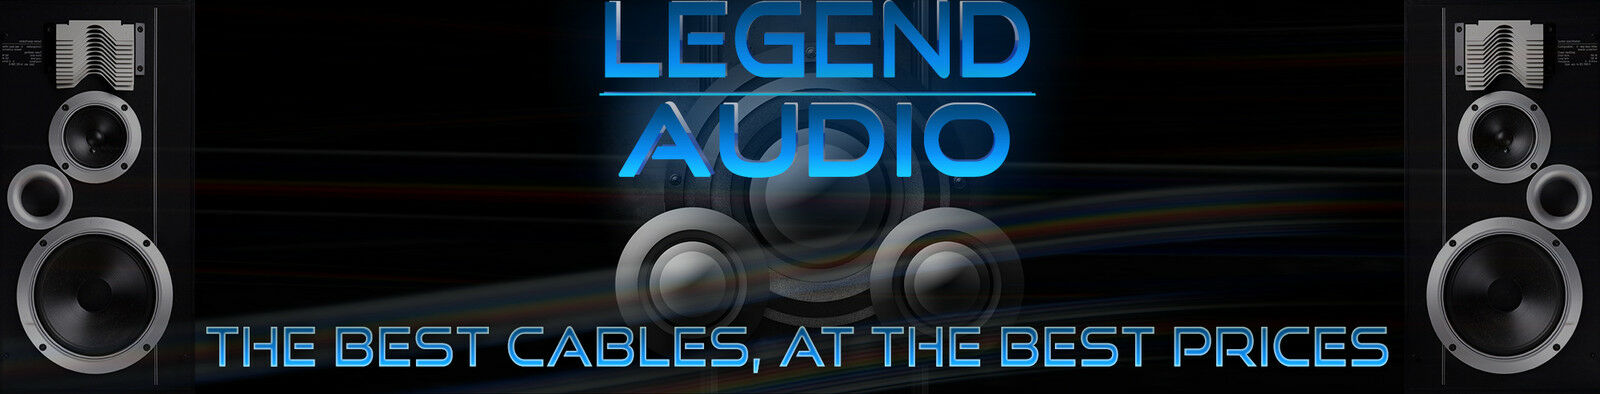 Legend Audio